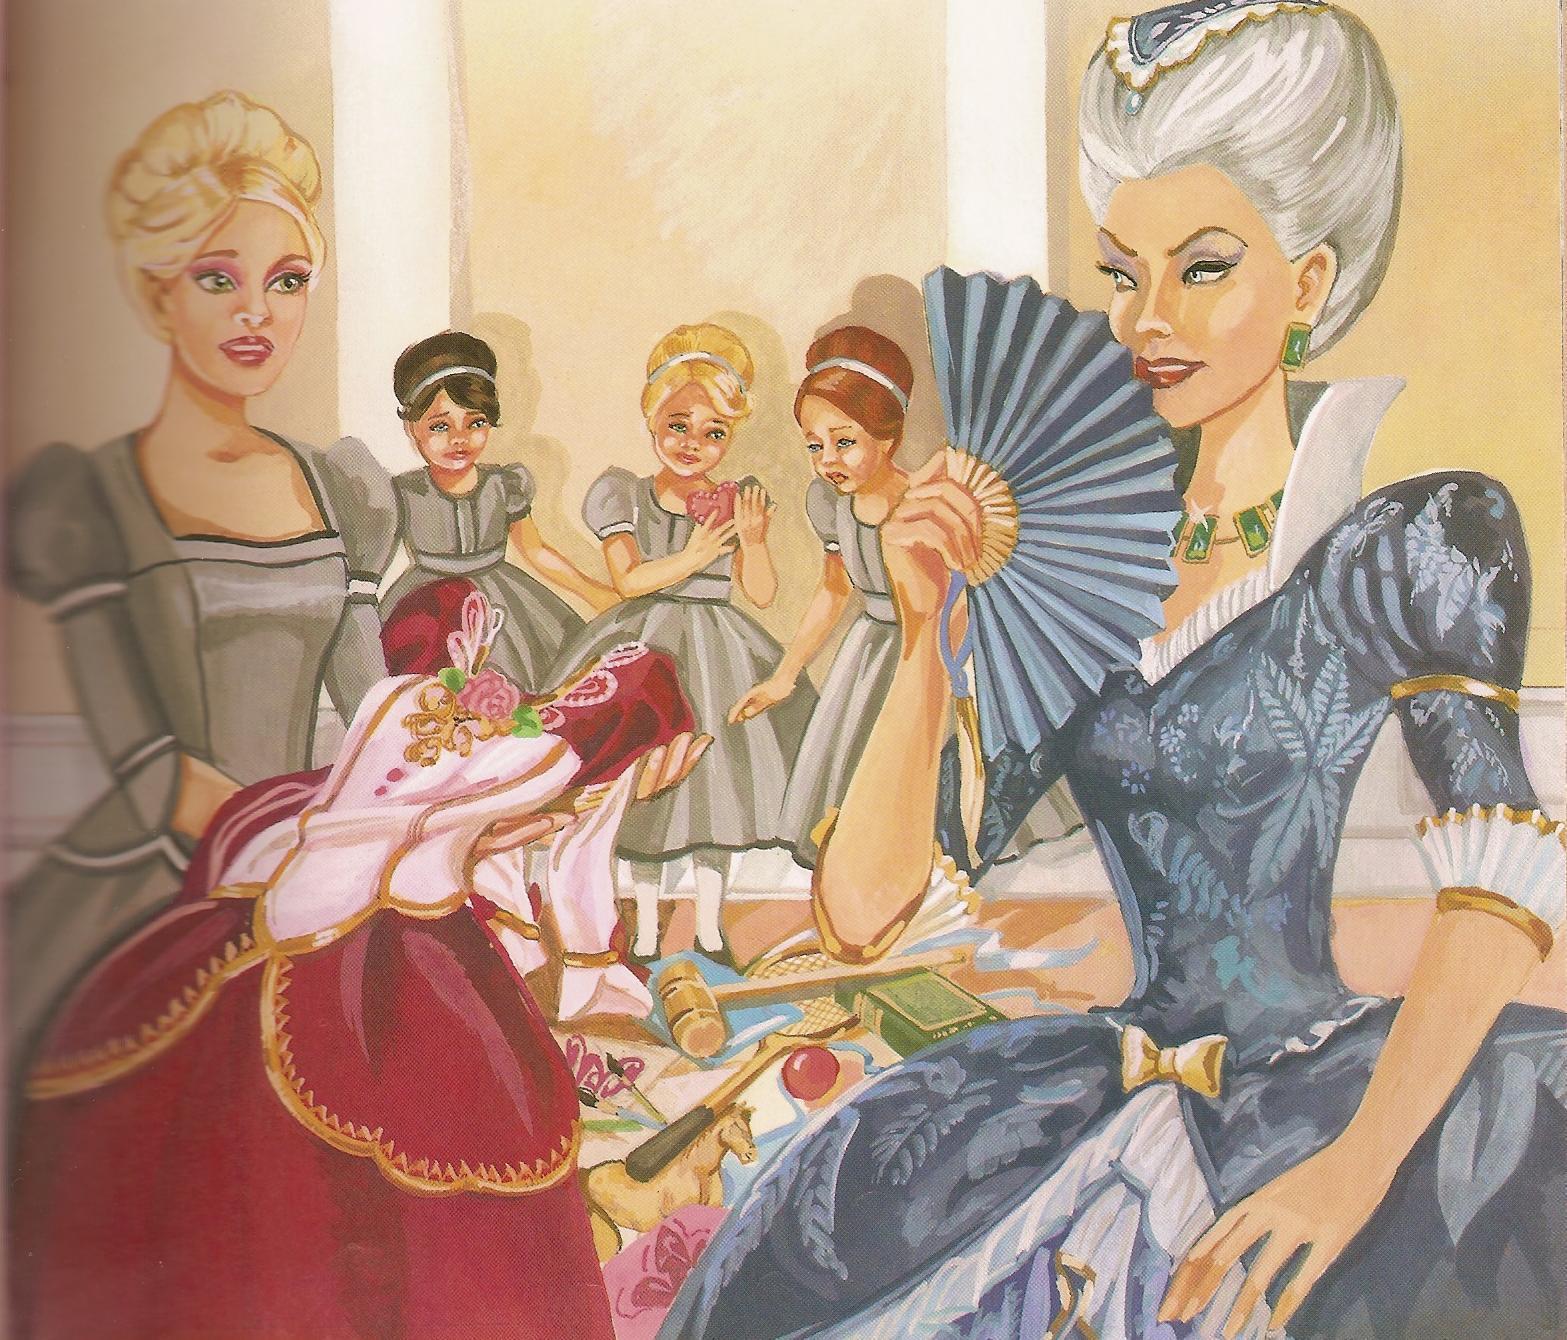 búp bê barbie 12 nàng công chúa hình n�n entitled 12 Dancing Princesses